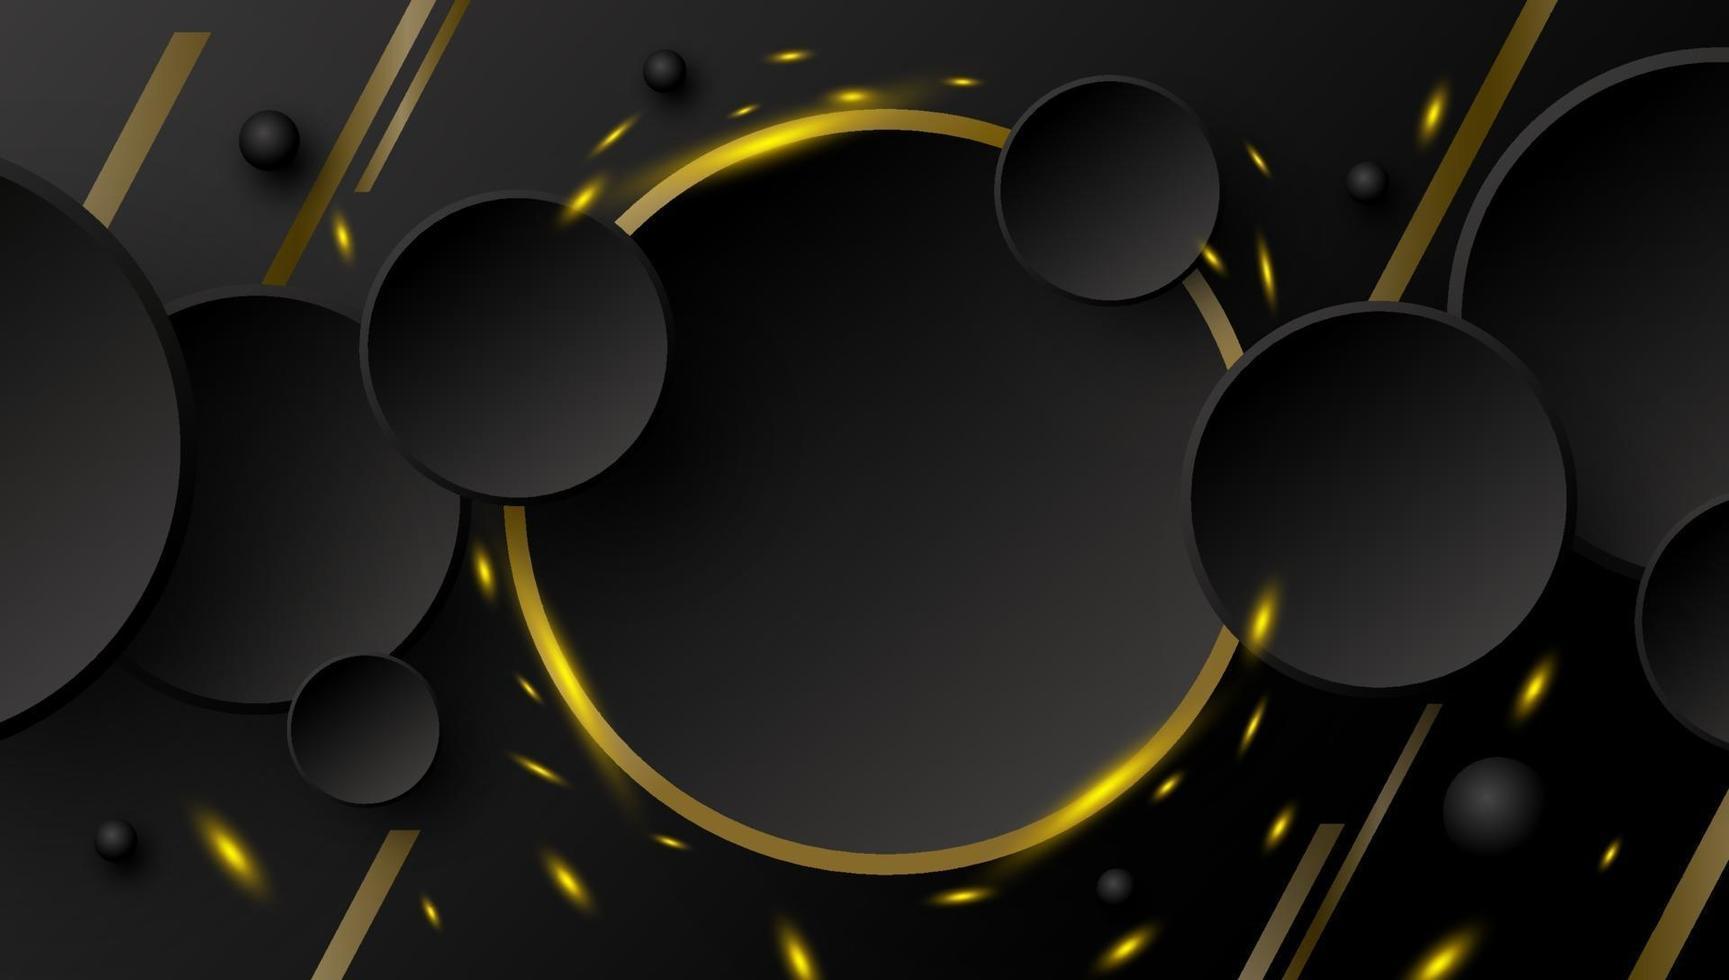 abstrakter Fahnenentwurf des Kreisknopfes und der Goldlinie mit Funken auf schwarzer Hintergrundvektorillustration vektor